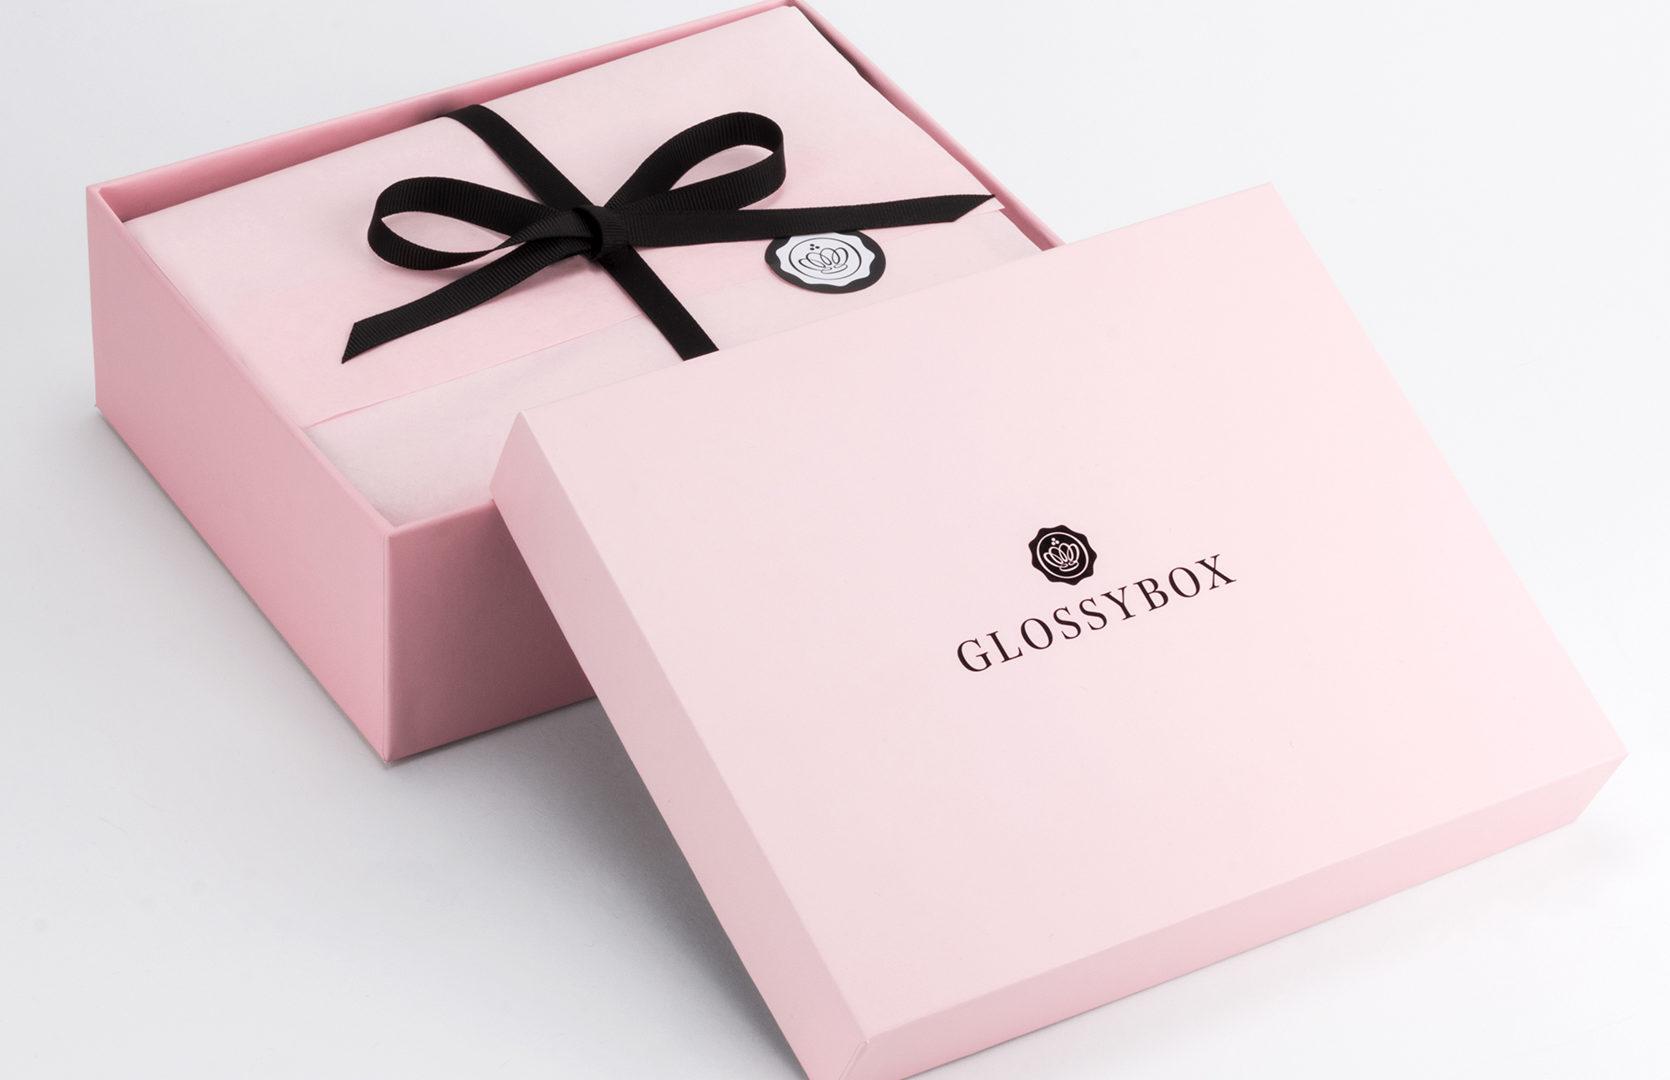 Glossybox Box